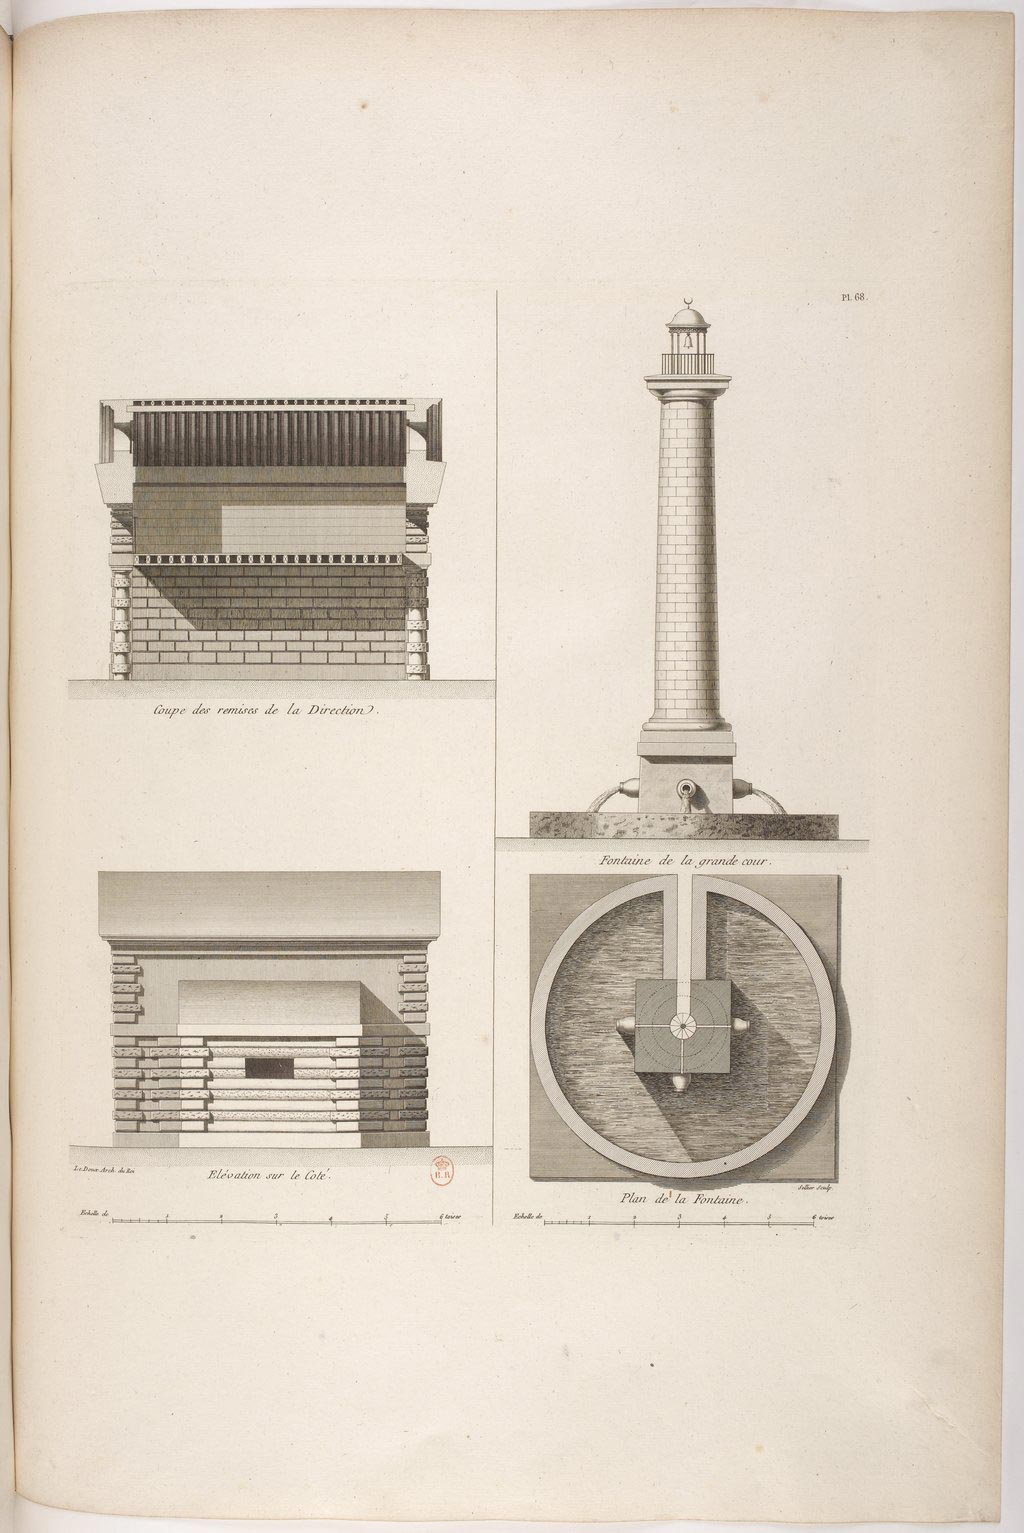 ledoux-claude-architecture-373